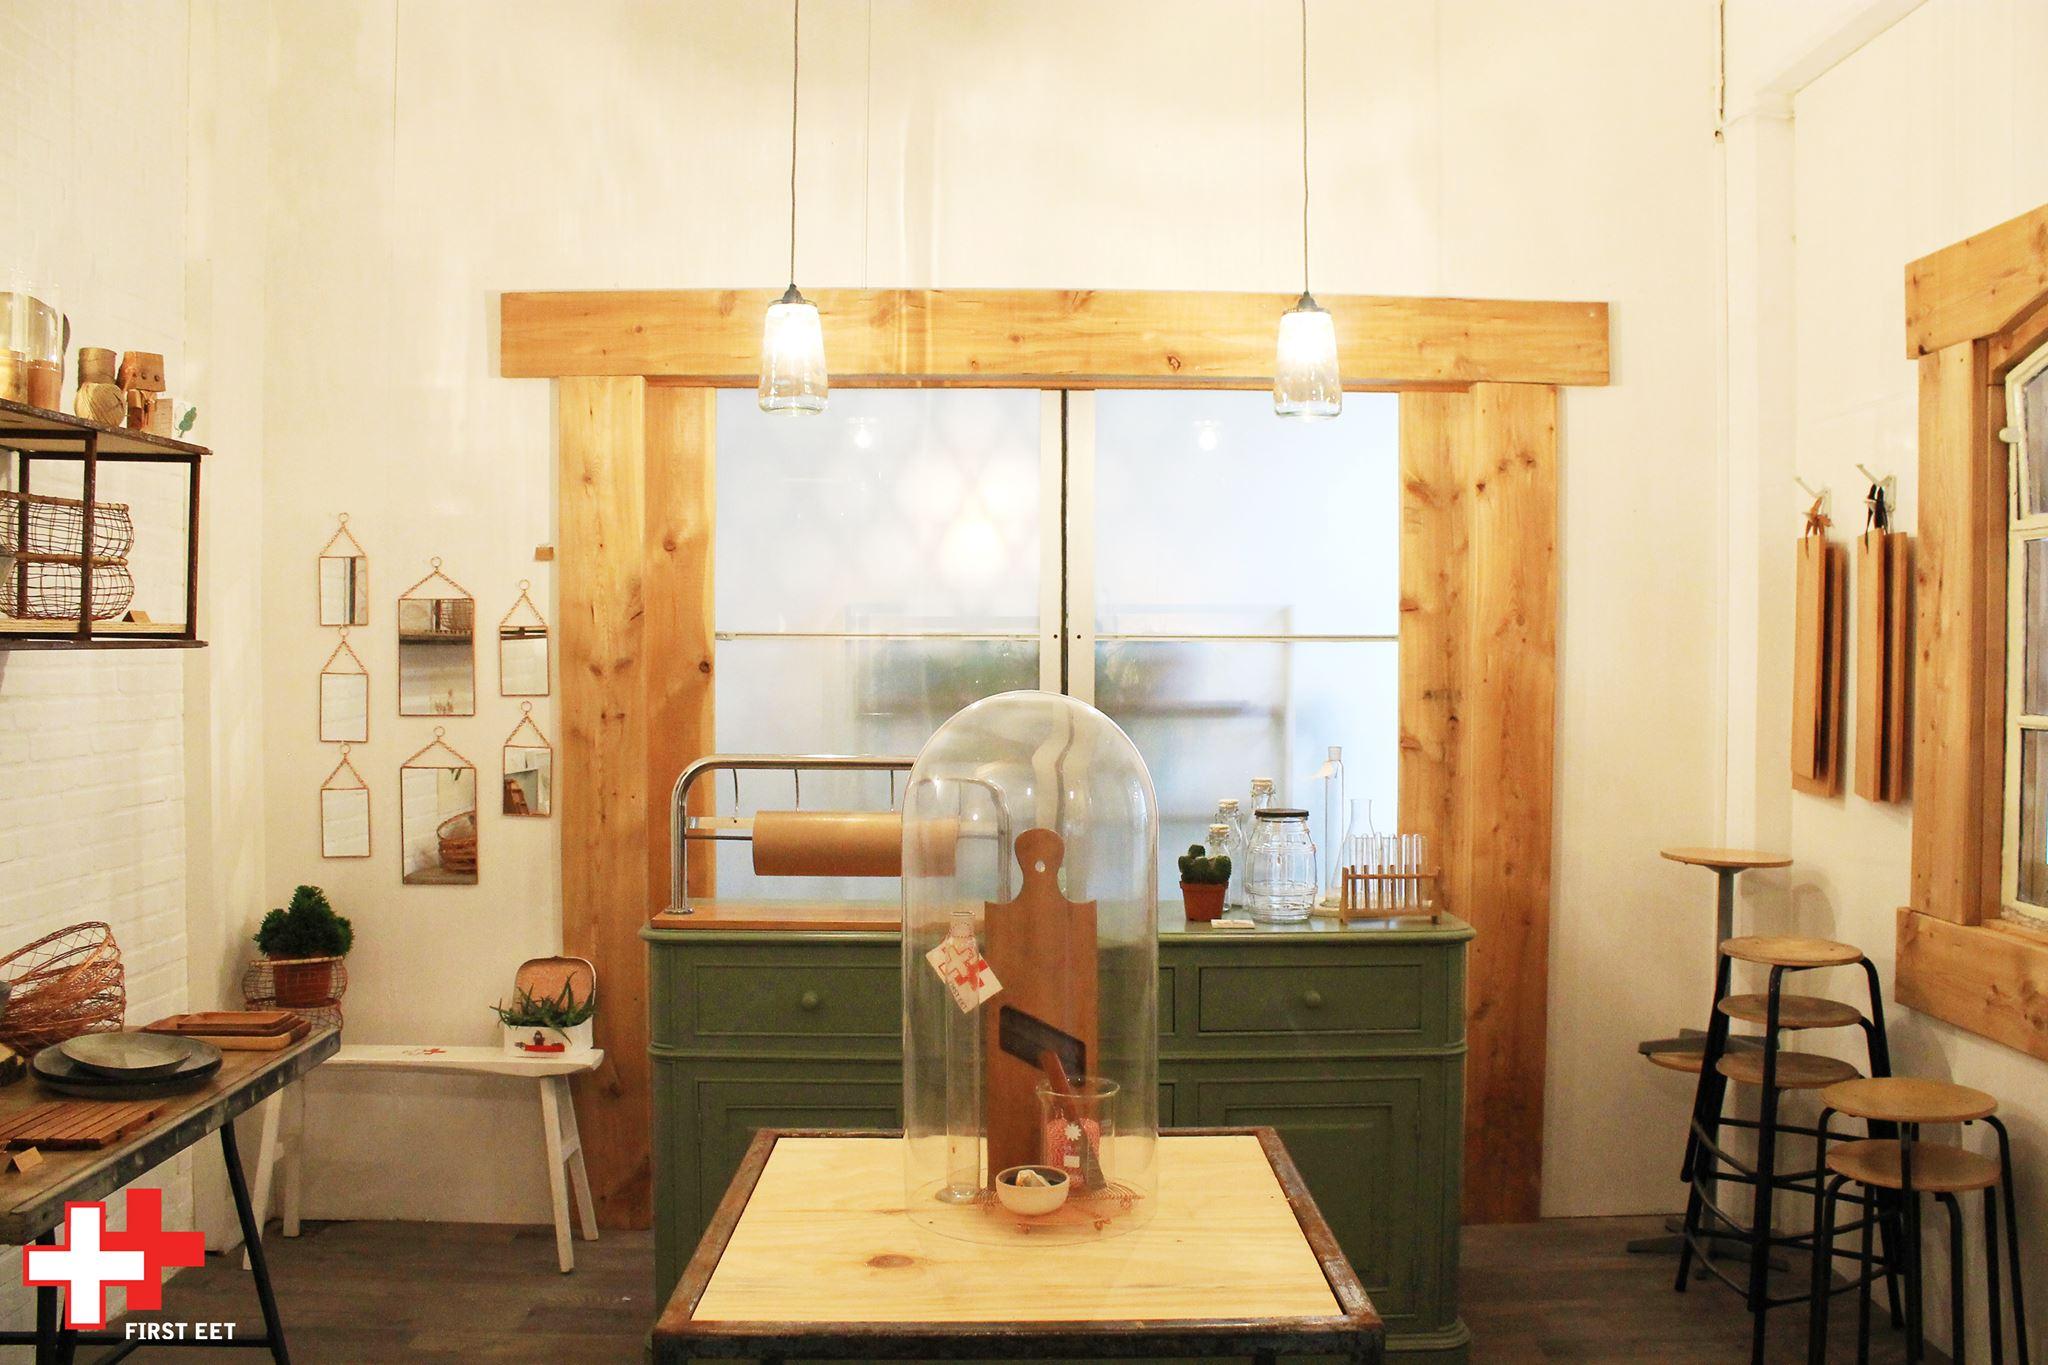 First Eet Café